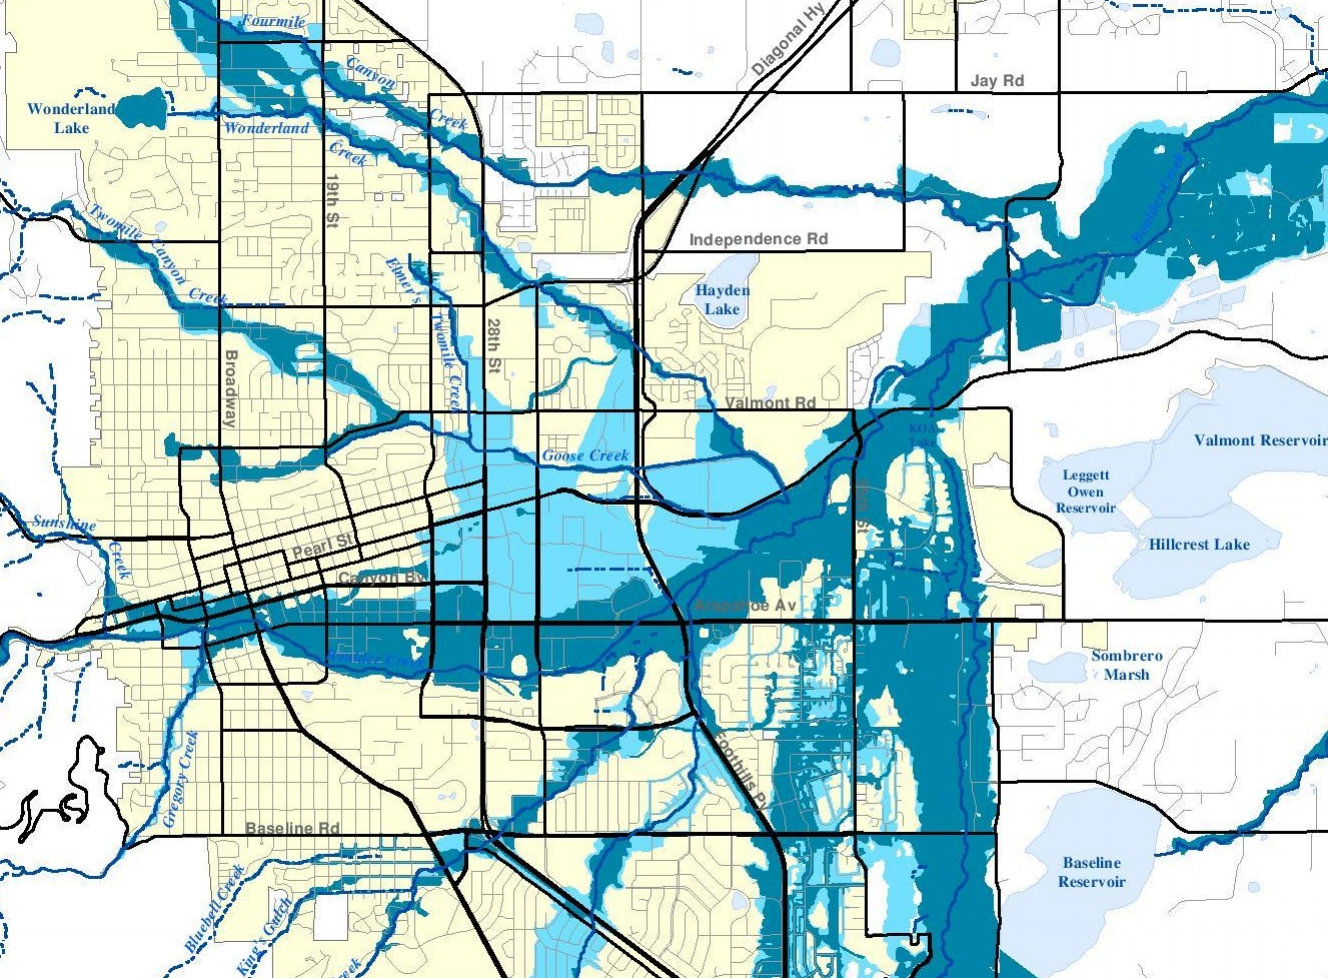 map_boulder_floodplains-1-201304171217-page-001.jpg